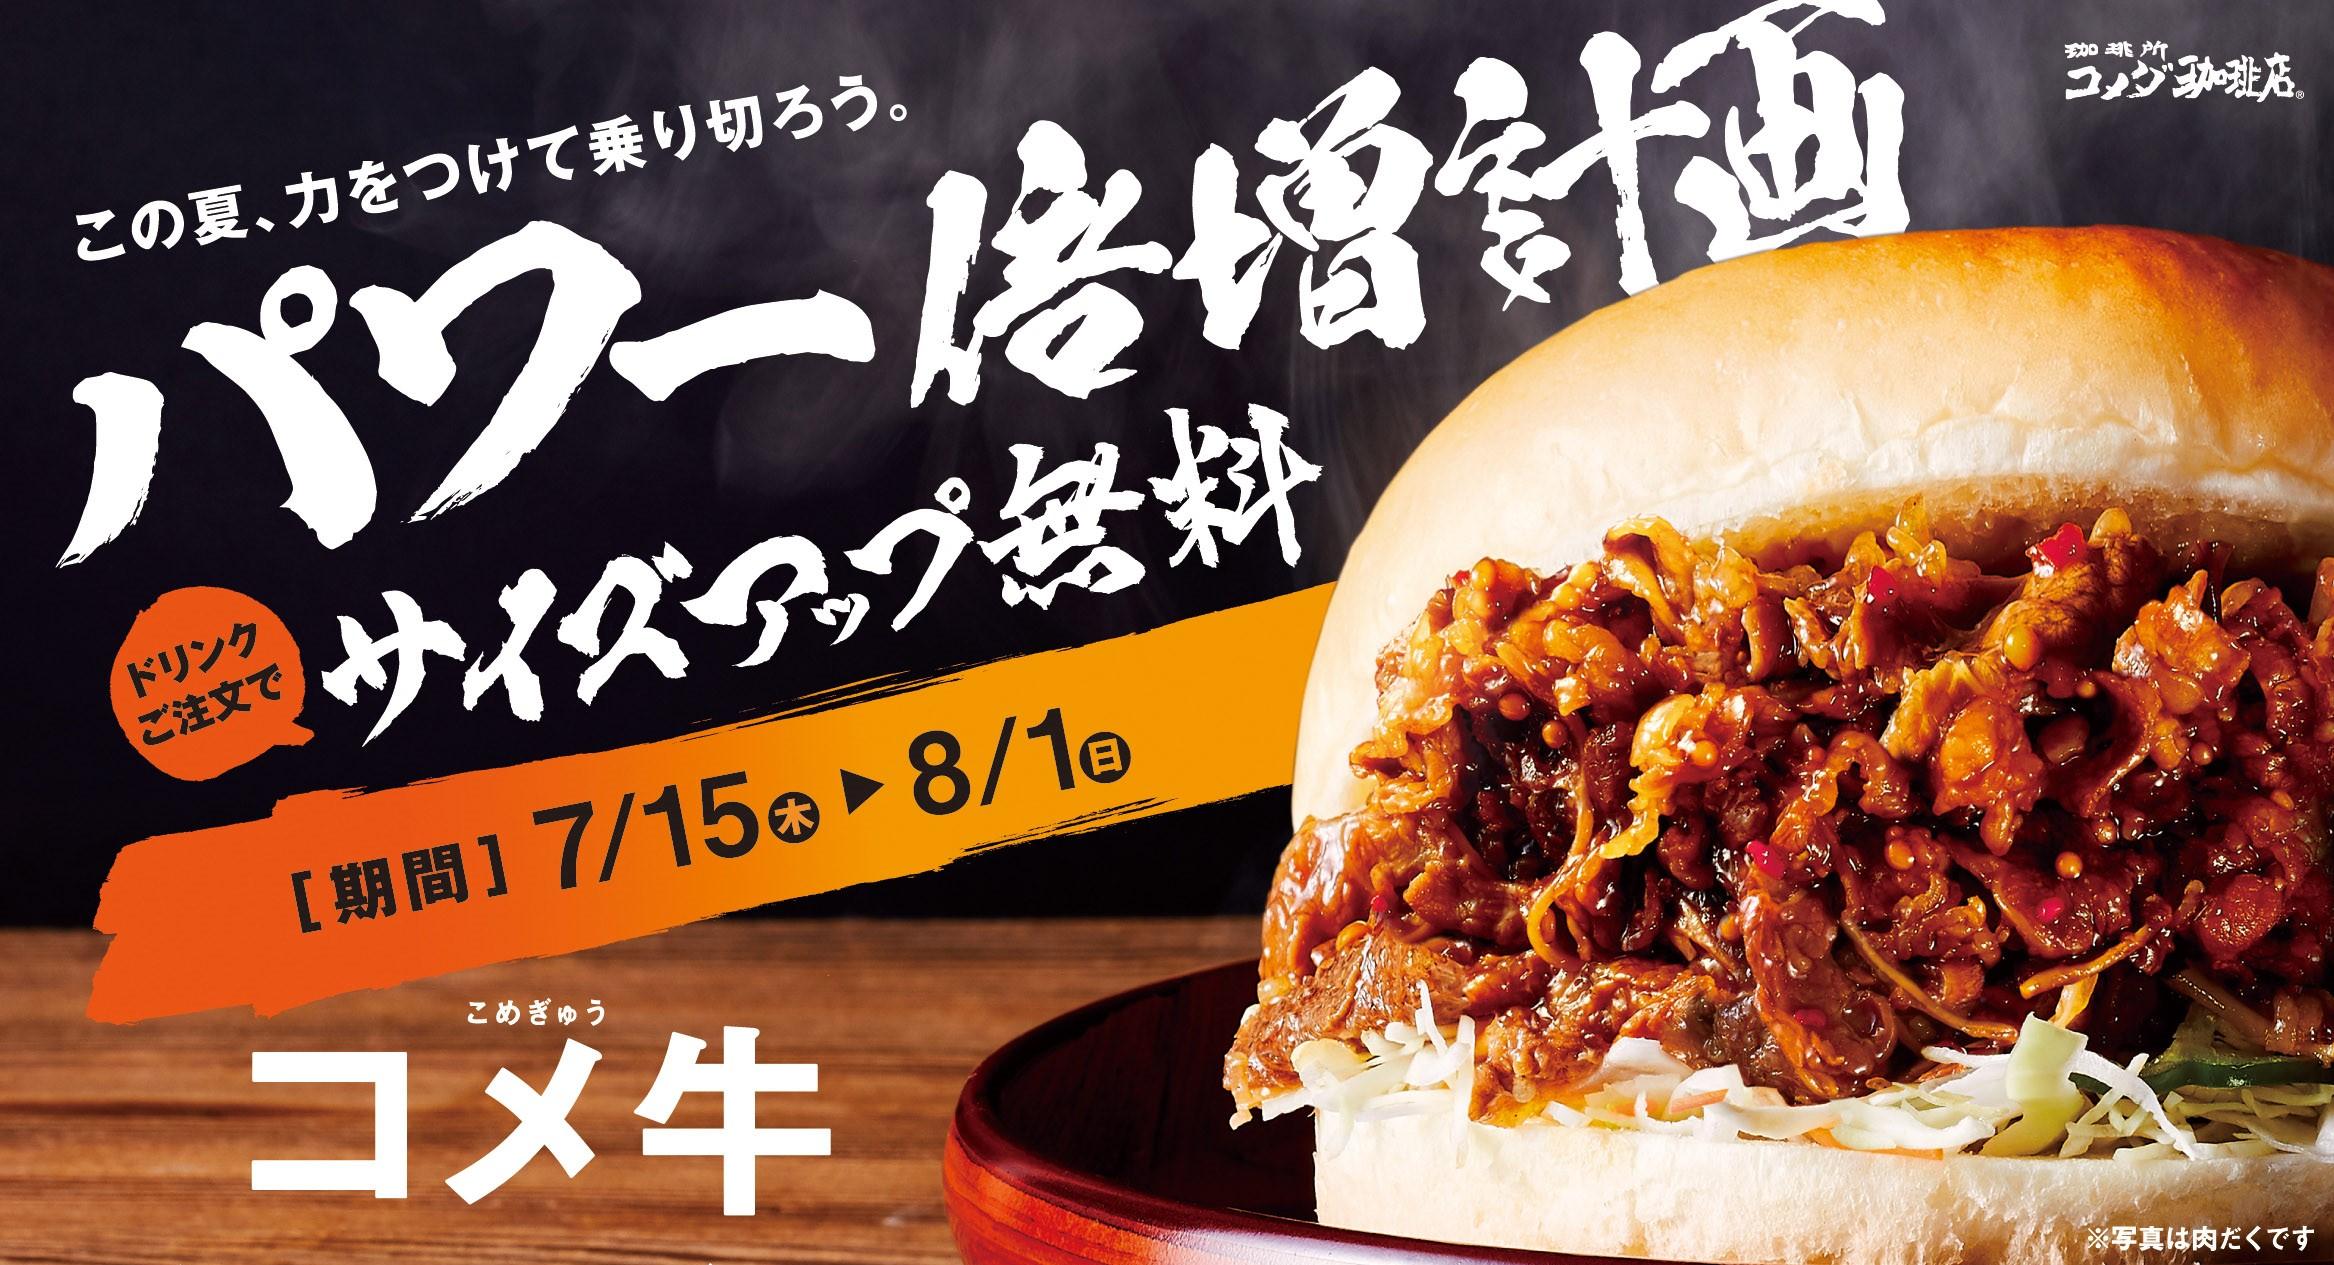 コメダ珈琲店が「パワー倍増計画」 牛カルビ肉の量が選べるバーガー「コメ牛」